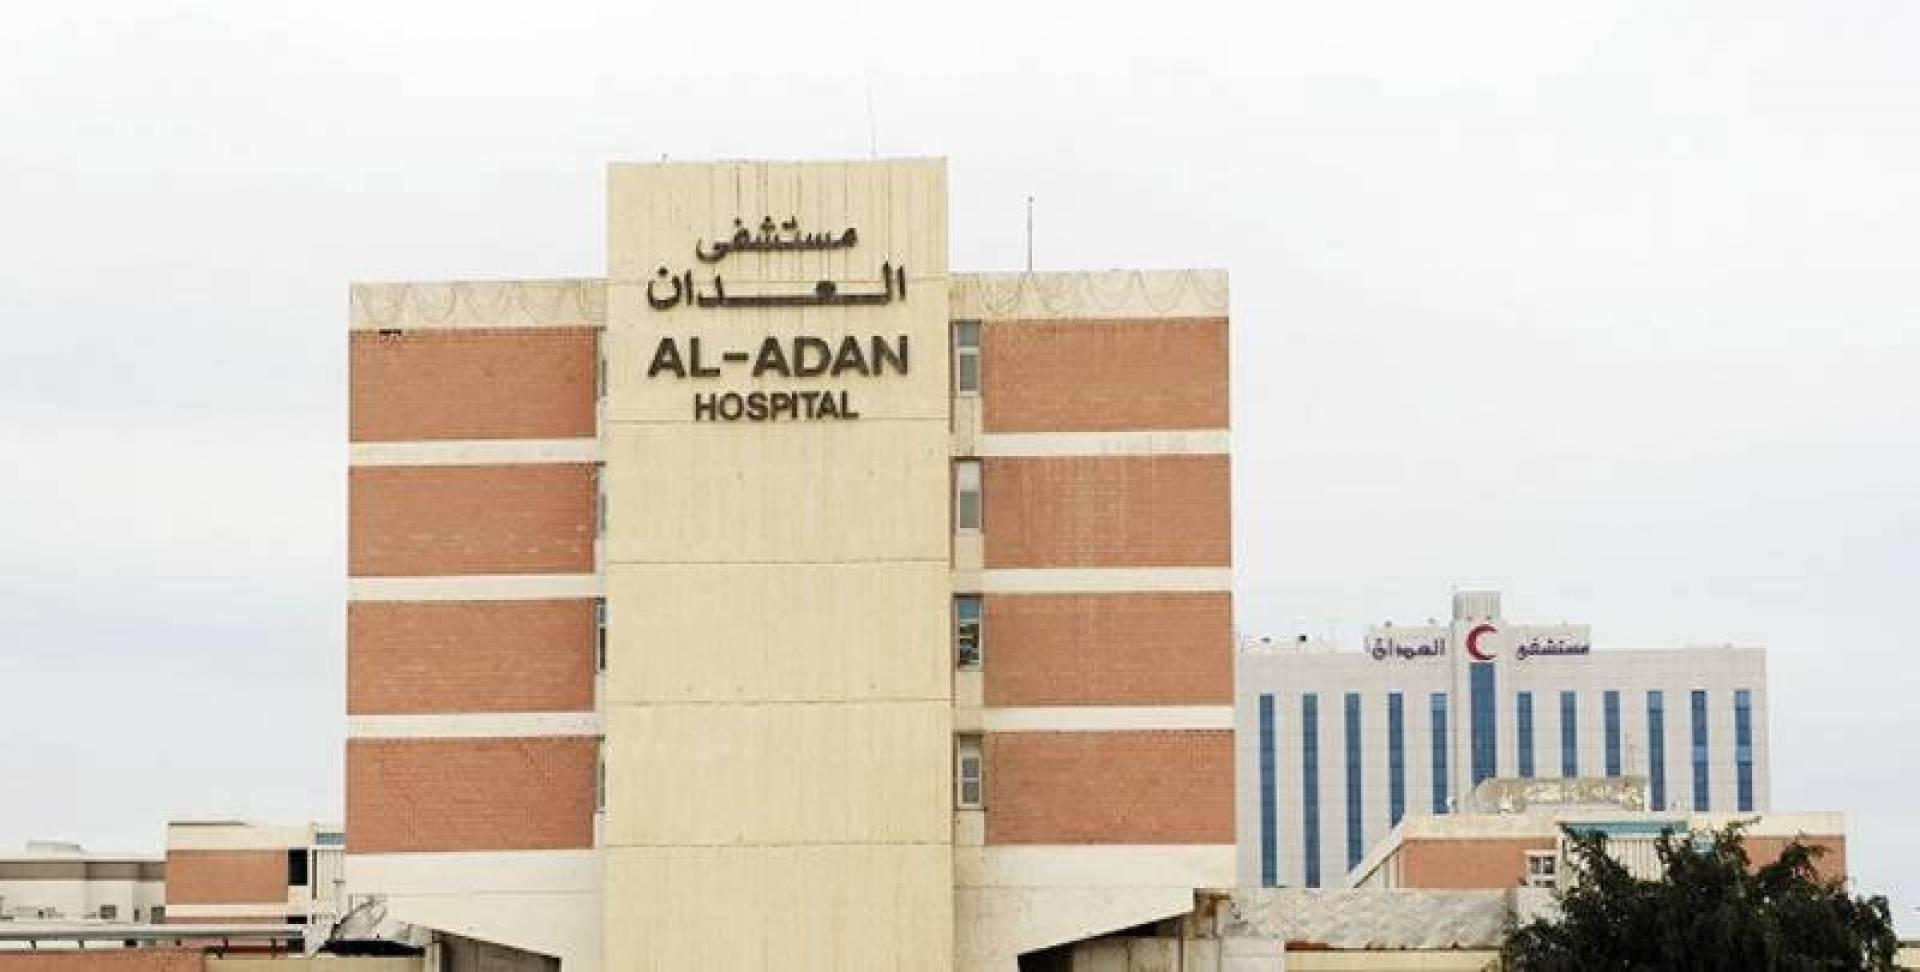 شاب يطعن صديقه ويدخله عرفة عمليات مستشفى العدان